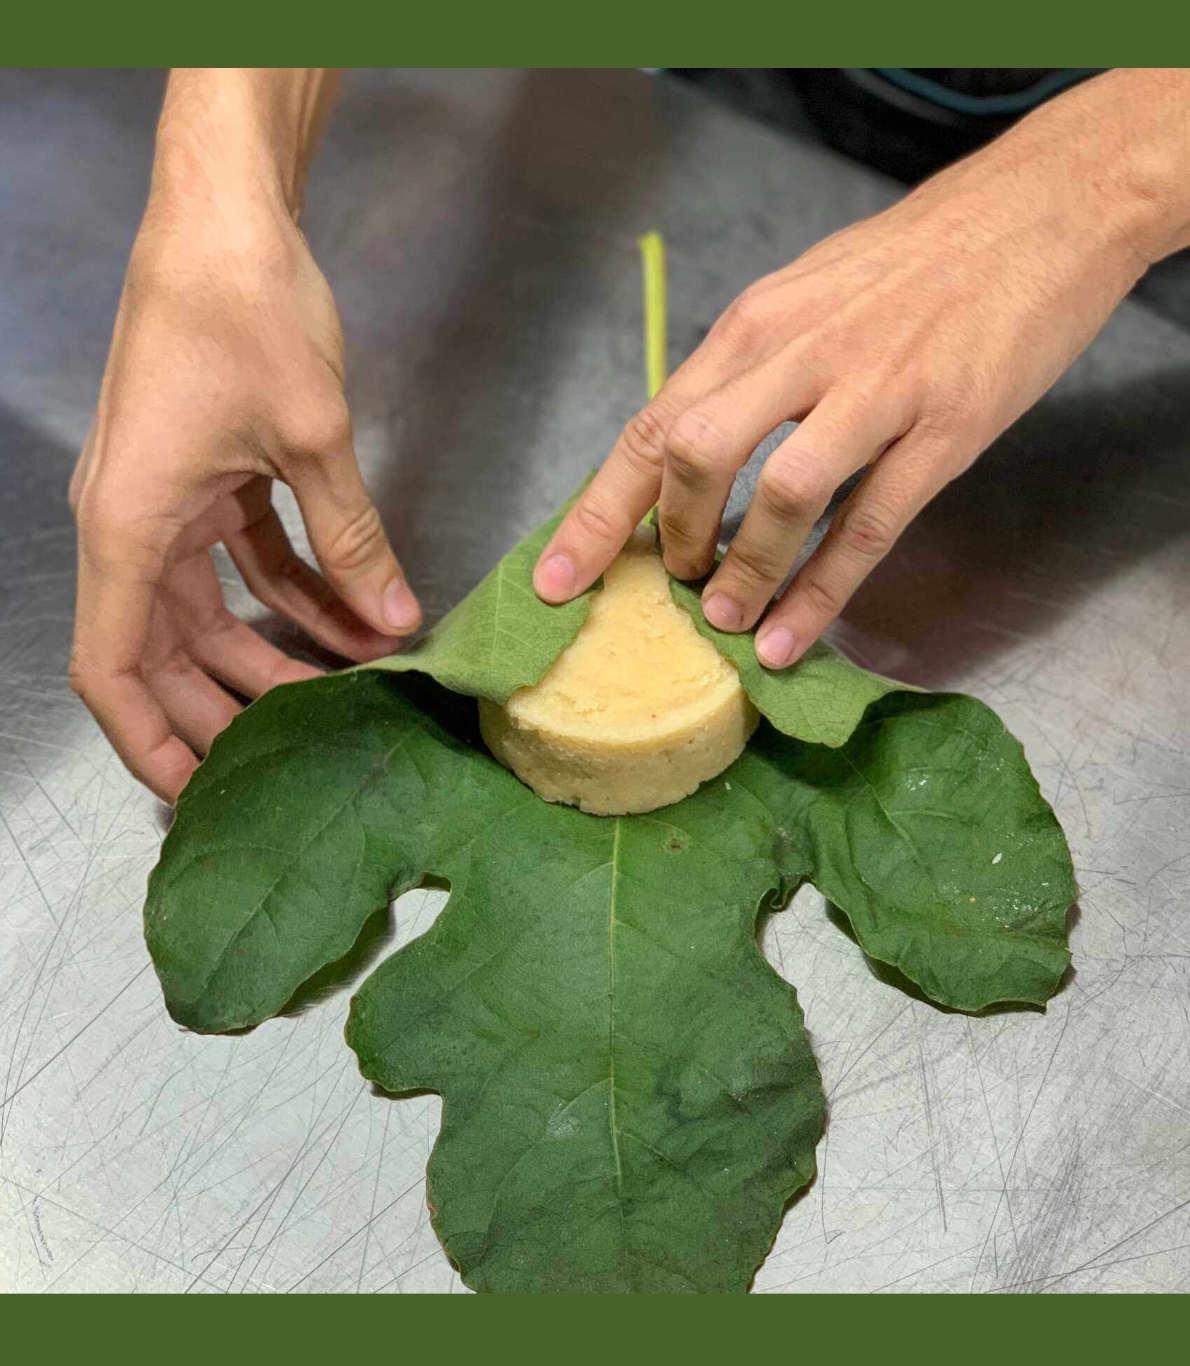 Indivíduo a embalar um queijo vegan com uma folha de couve